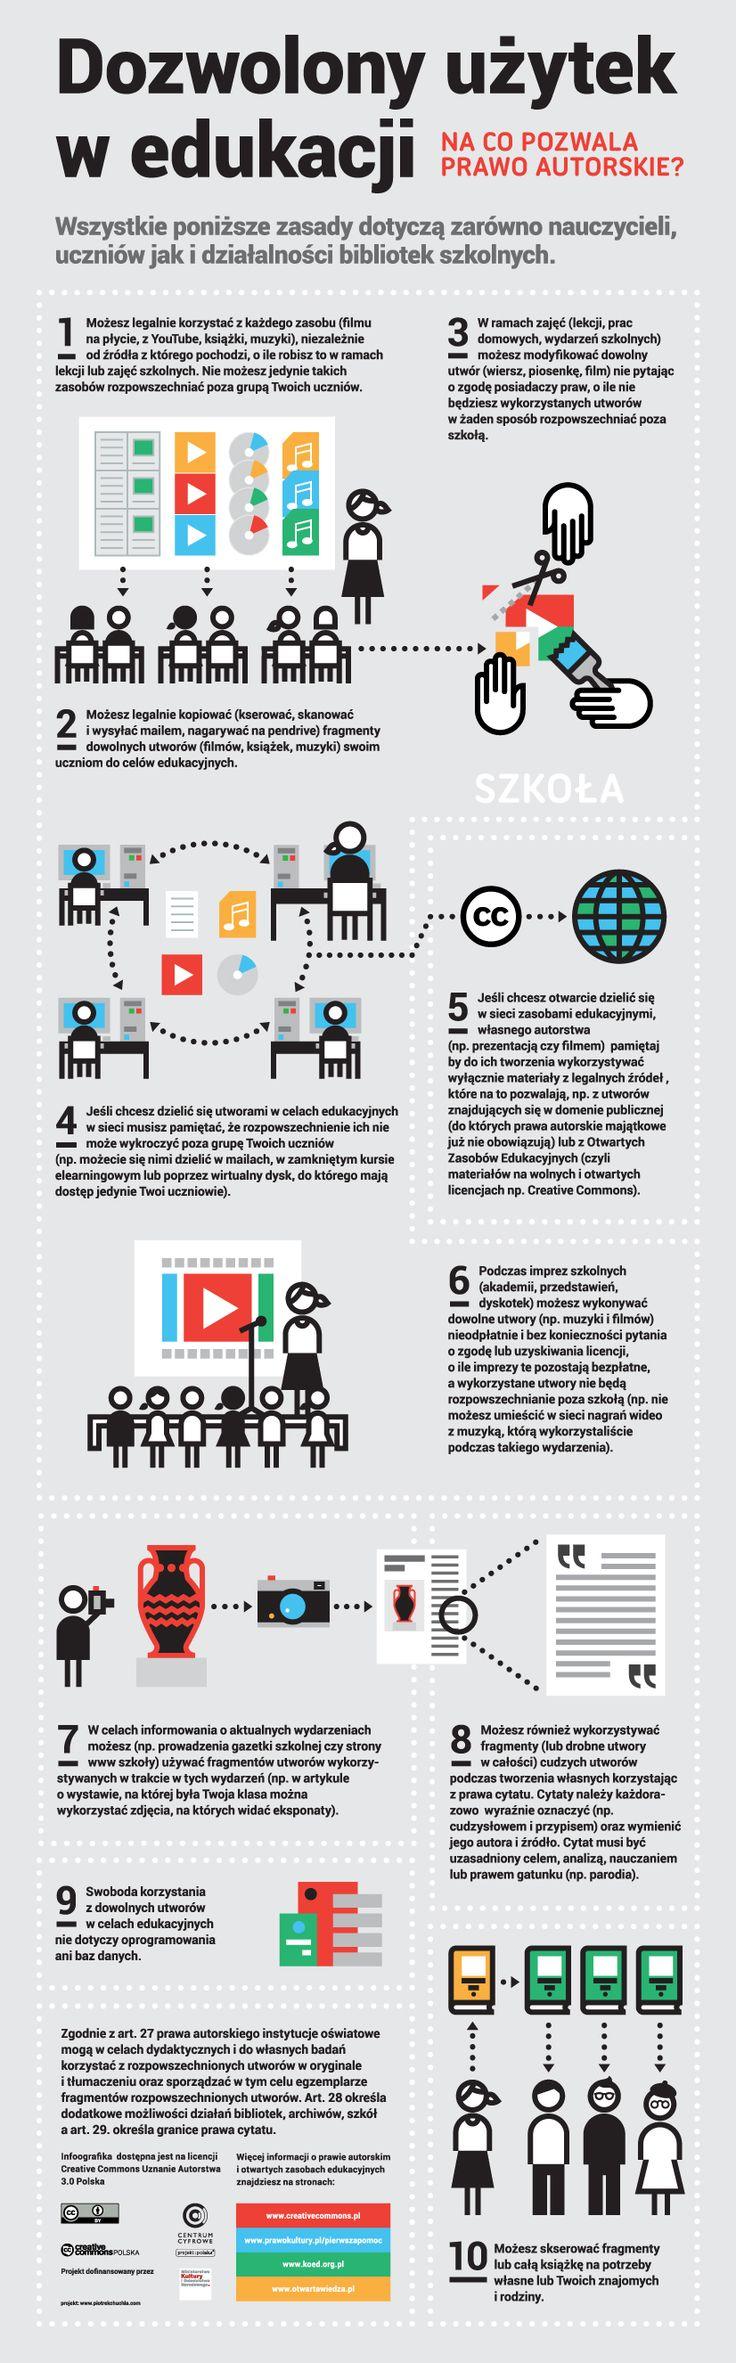 """Poniżej ciekawa infografika, która jest częścią artykułu udostępnionego na zasadach licencji Creative Commons Pana Marcina Grudnia """"Dozwolony użytek w edukacji [Infografika]"""". Infografiki są świetnym sposobem do przekazania informacji – ciekawe ile osób zapozna się z tekstem, a ilu wystarczy tylko obrazek."""